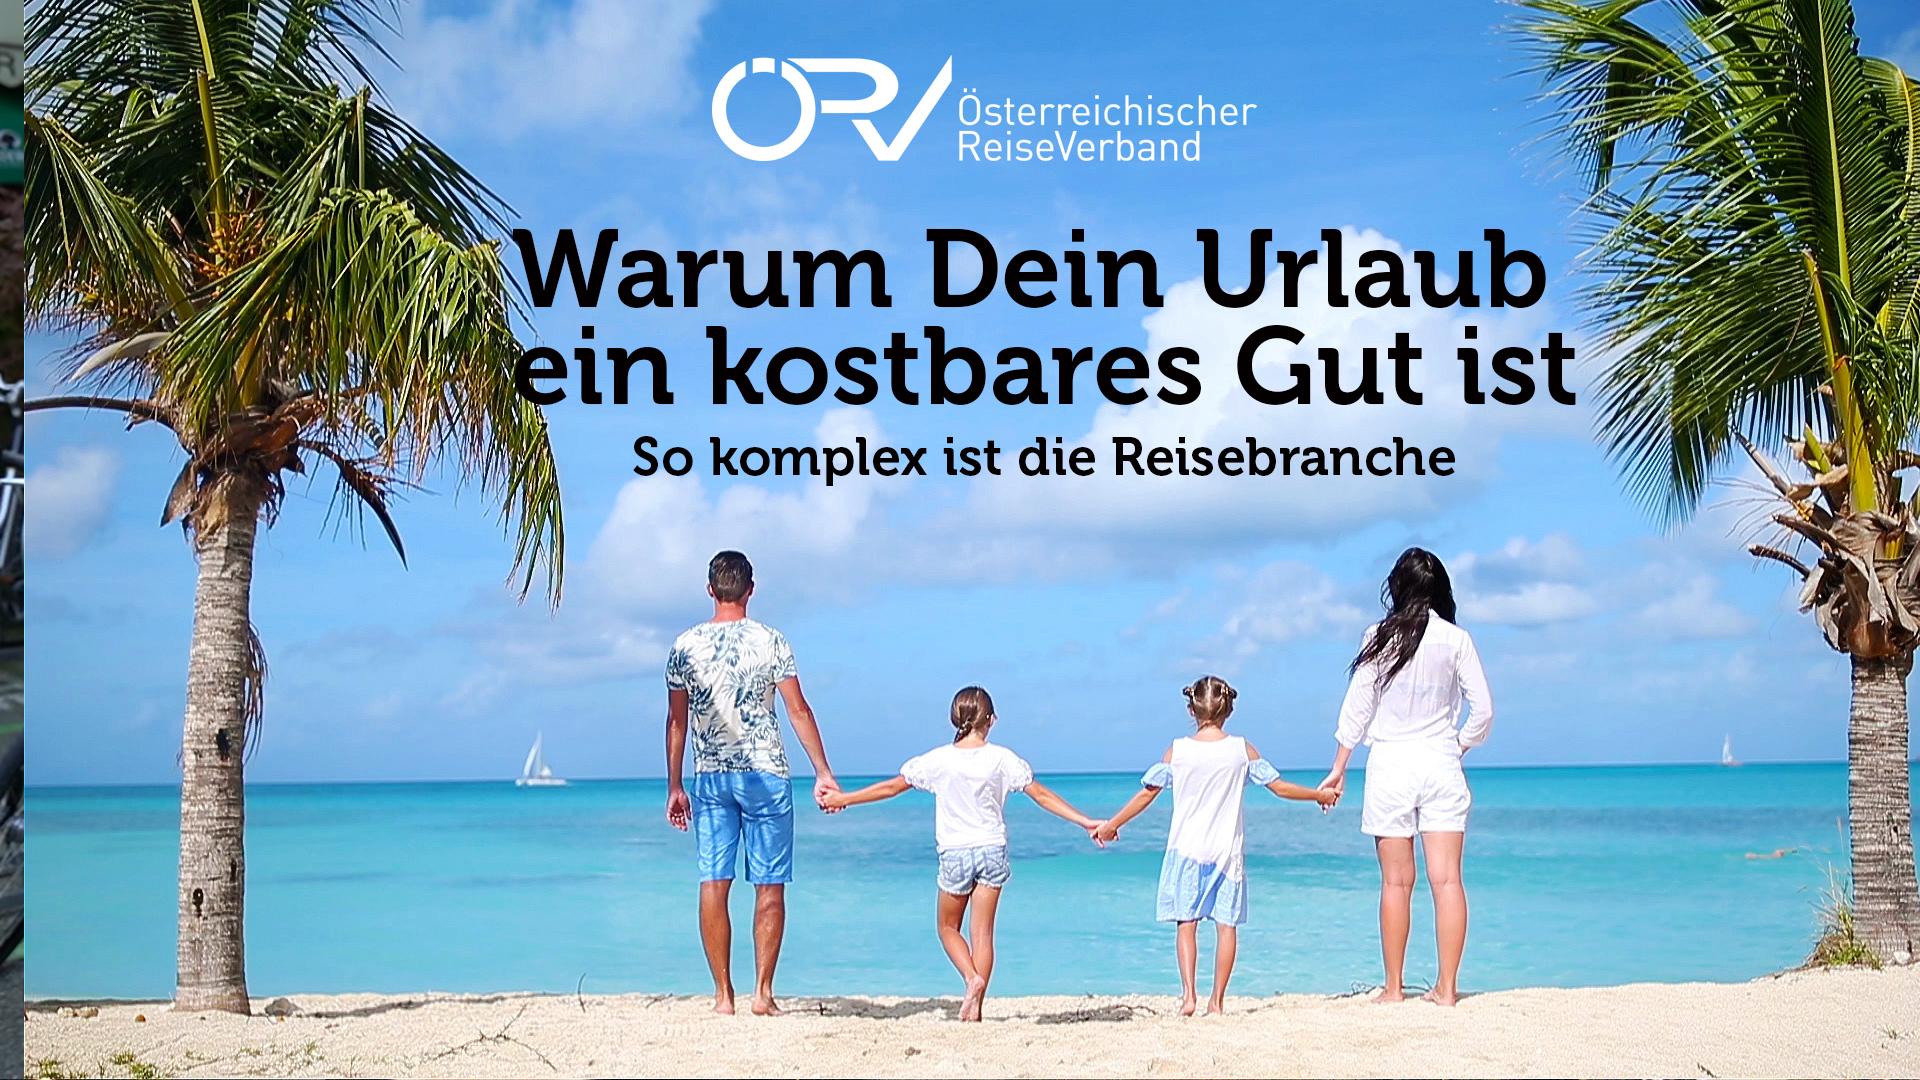 Österreichischer Reiseverband